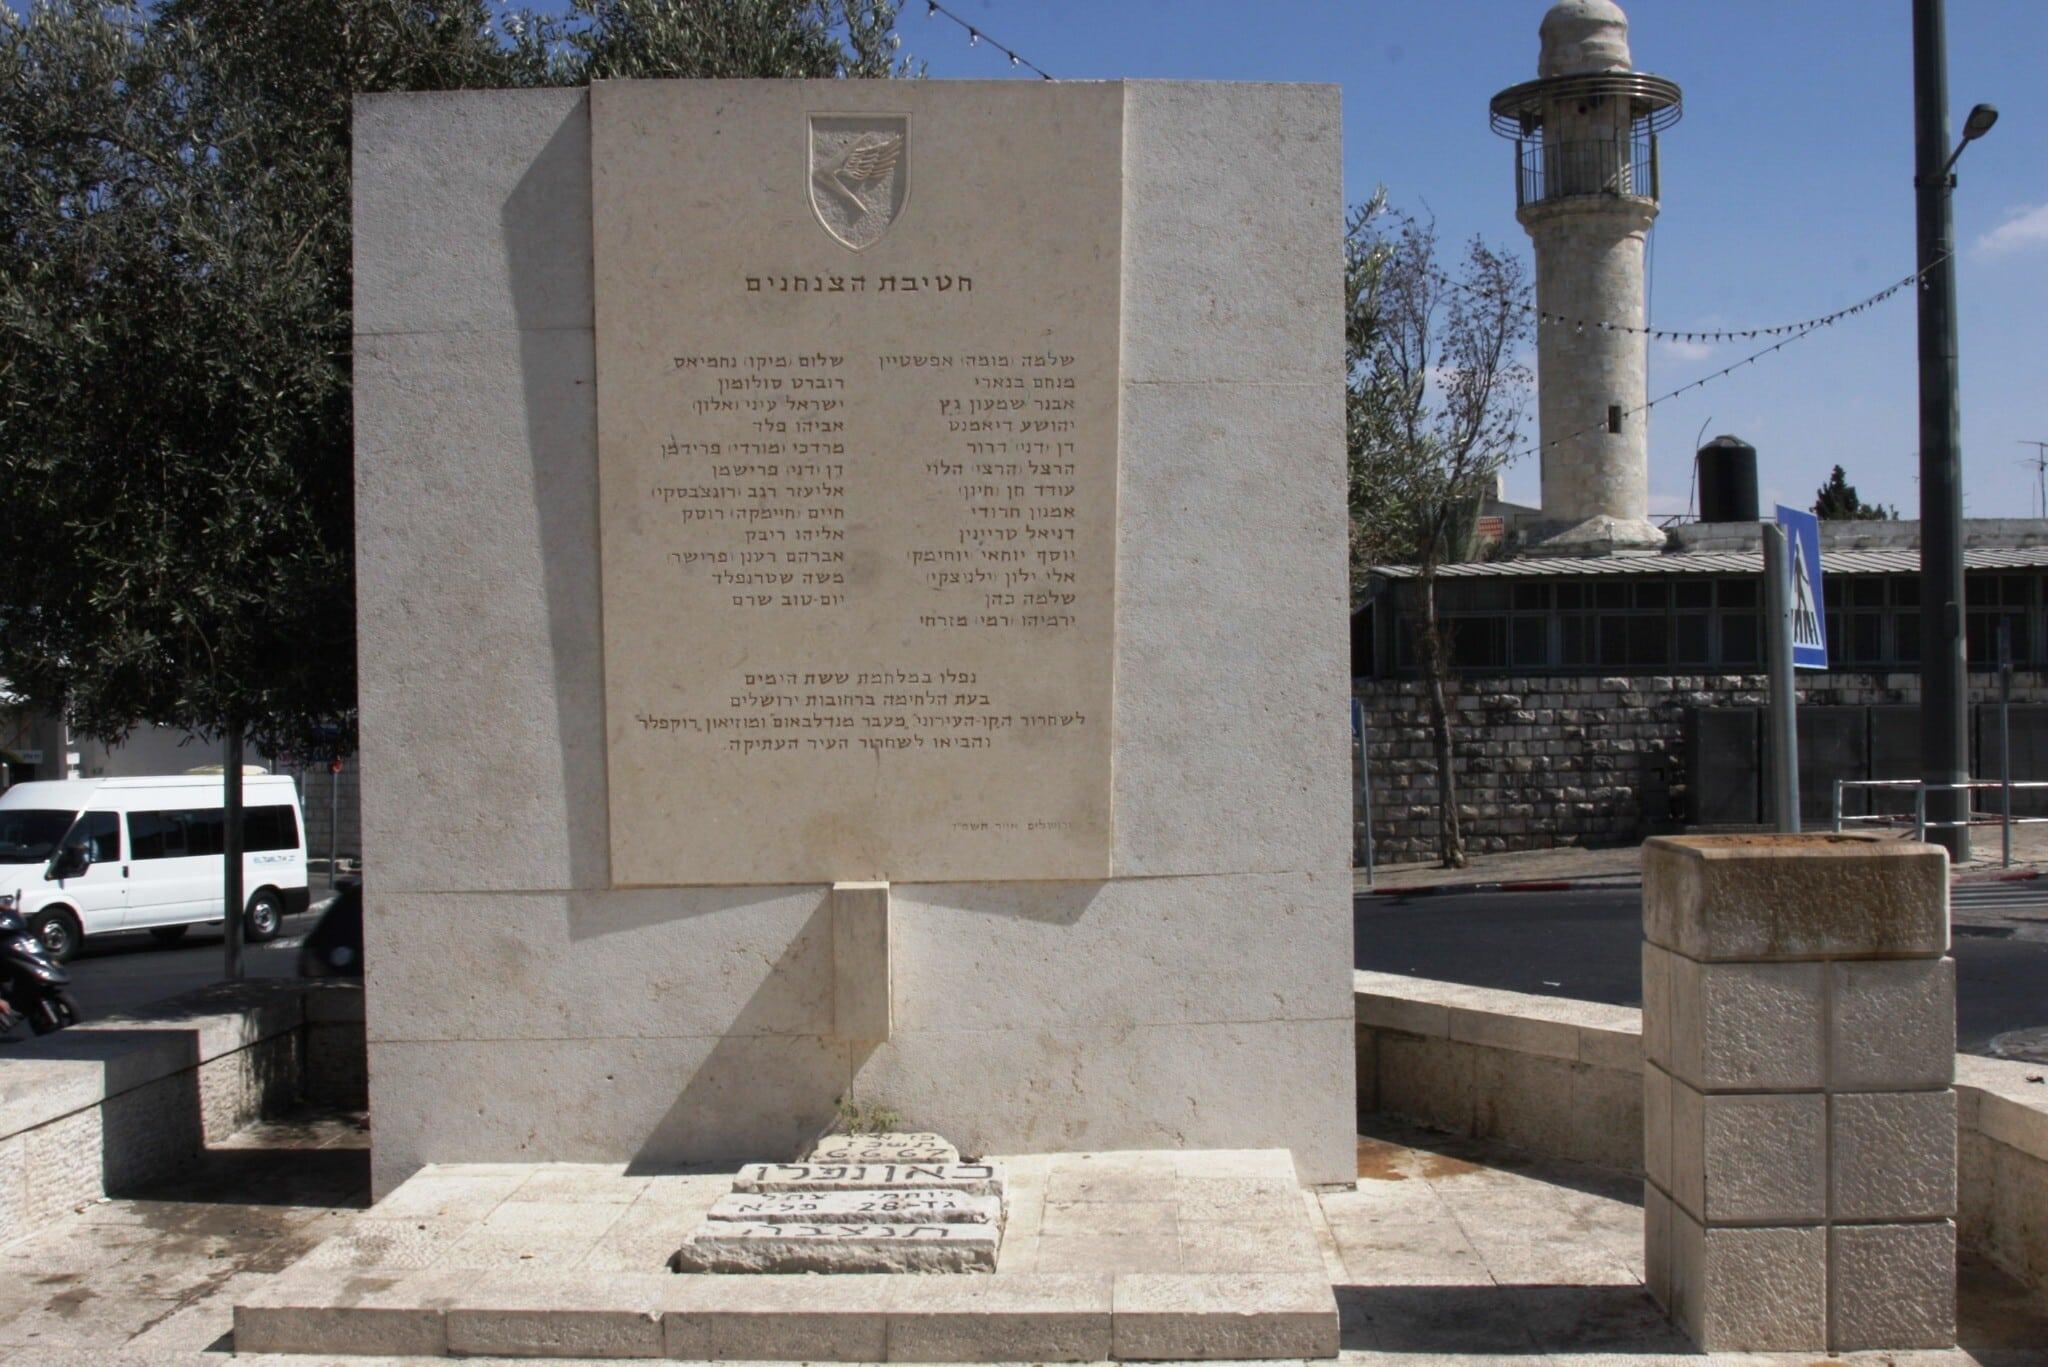 האנדרטה לזכר חיילי גדוד 28 של הצנחנים ליד הקונסוליה האמריקאית הישנה בירושלים (צילום: שמואל בר-עם)